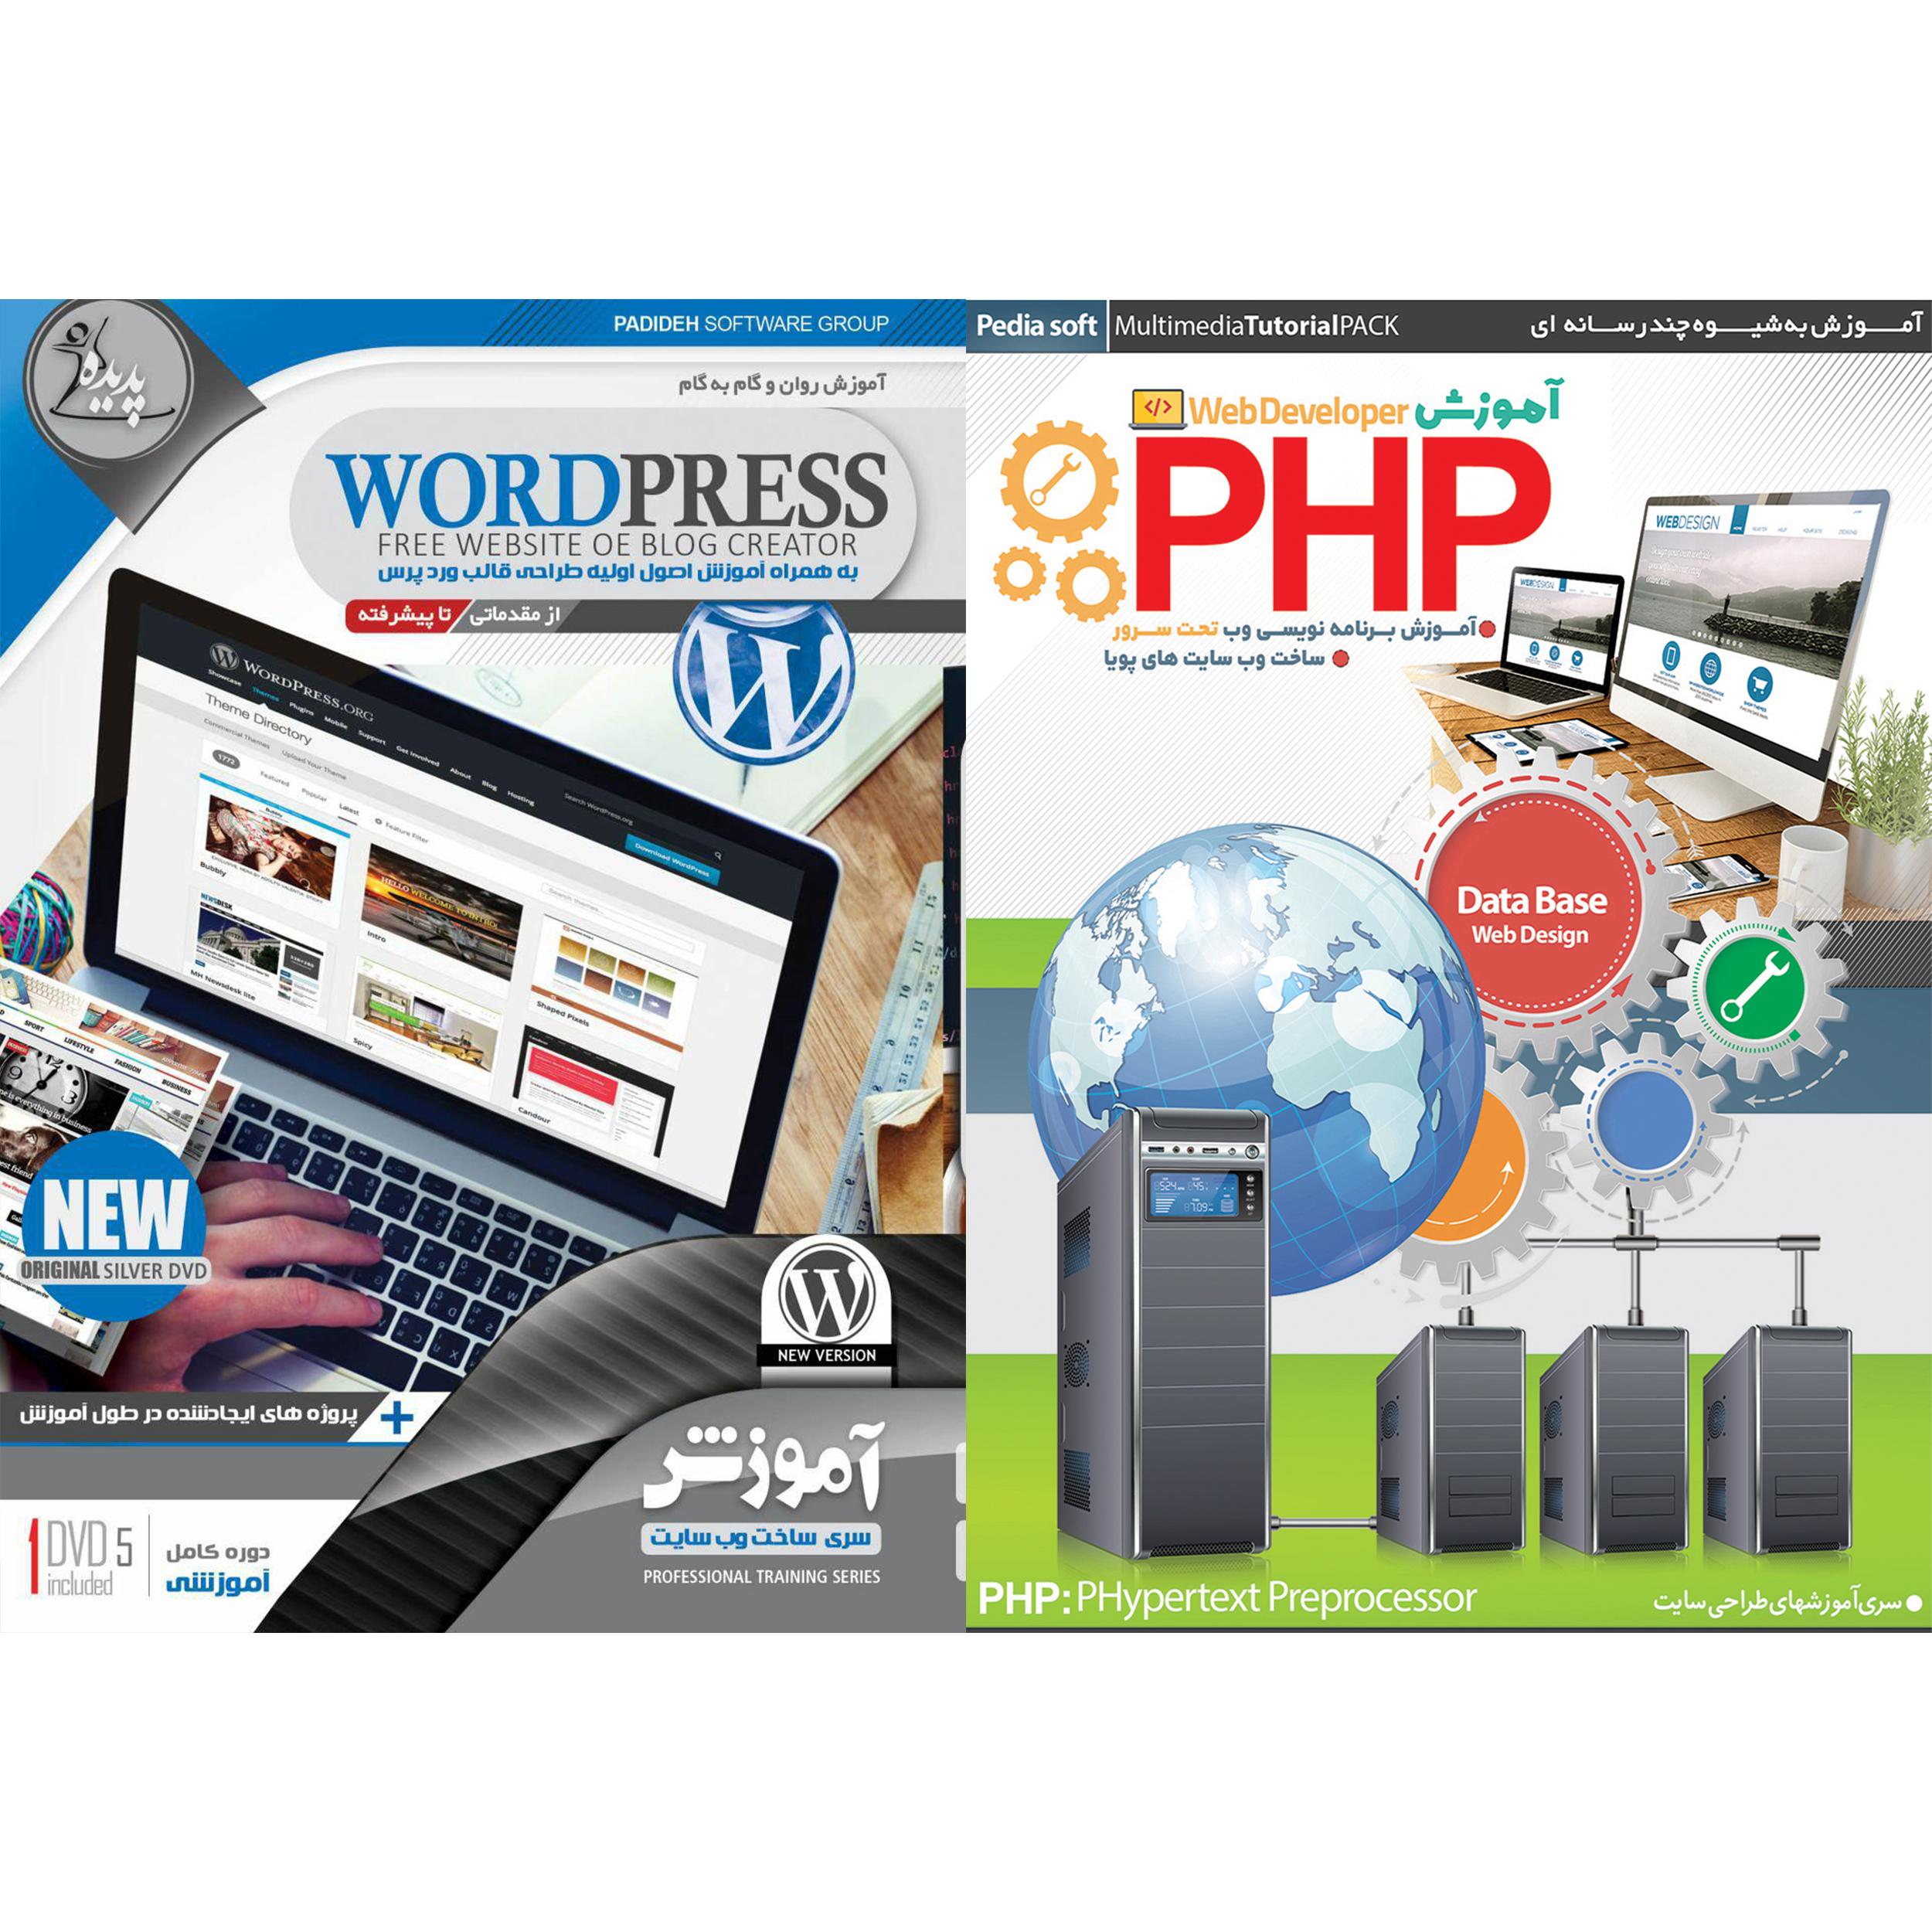 نرم افزار آموزش PHP نشر پدیا سافت به همراه نرم افزار آموزش WORDPRESS نشر پدیده